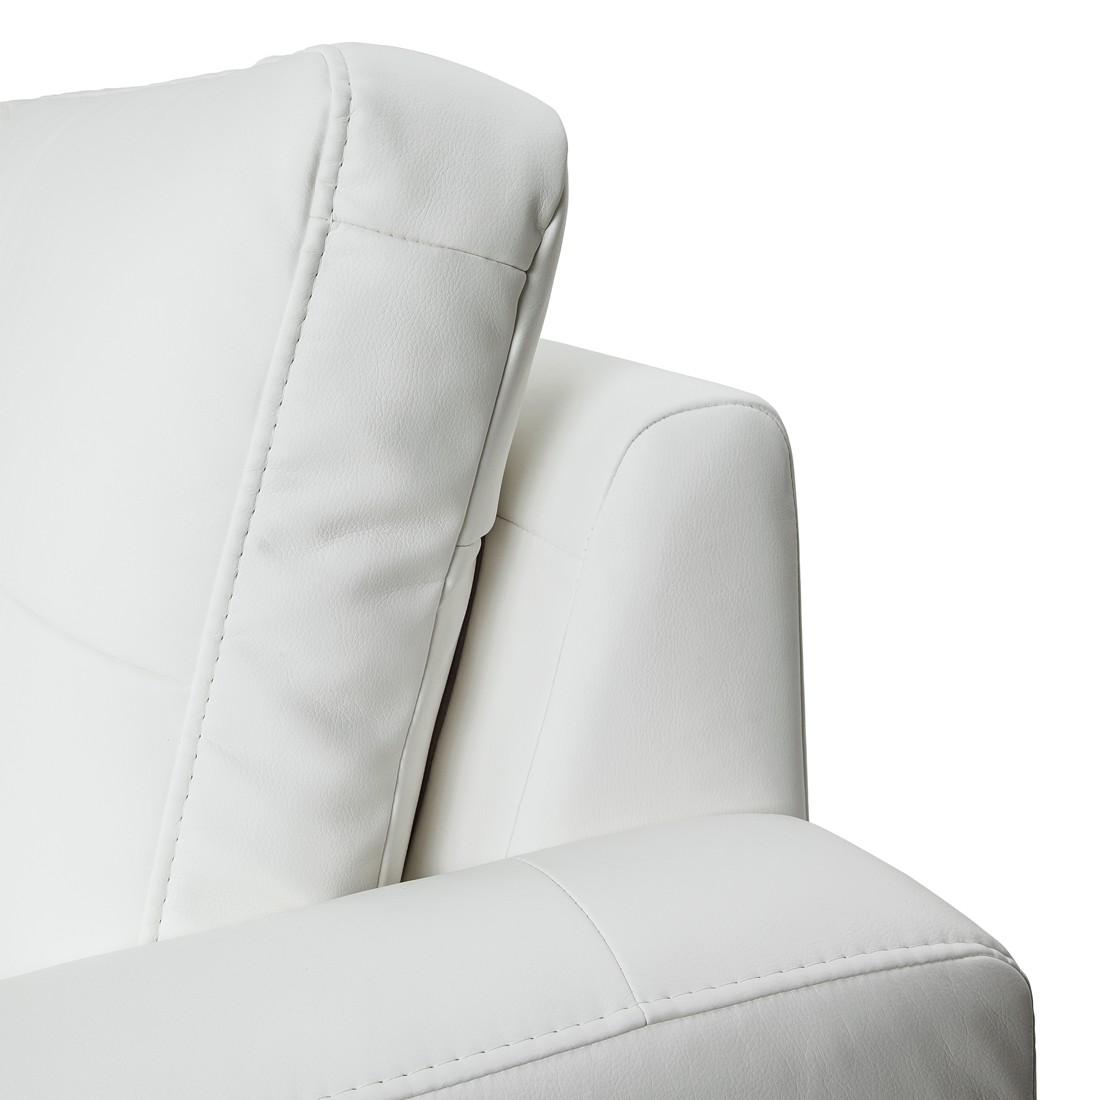 Ecksofa mit schlaffunktion weiß  Jetzt bei Home24: Sofa mit Schlaffunktion von Nuovoform | home24